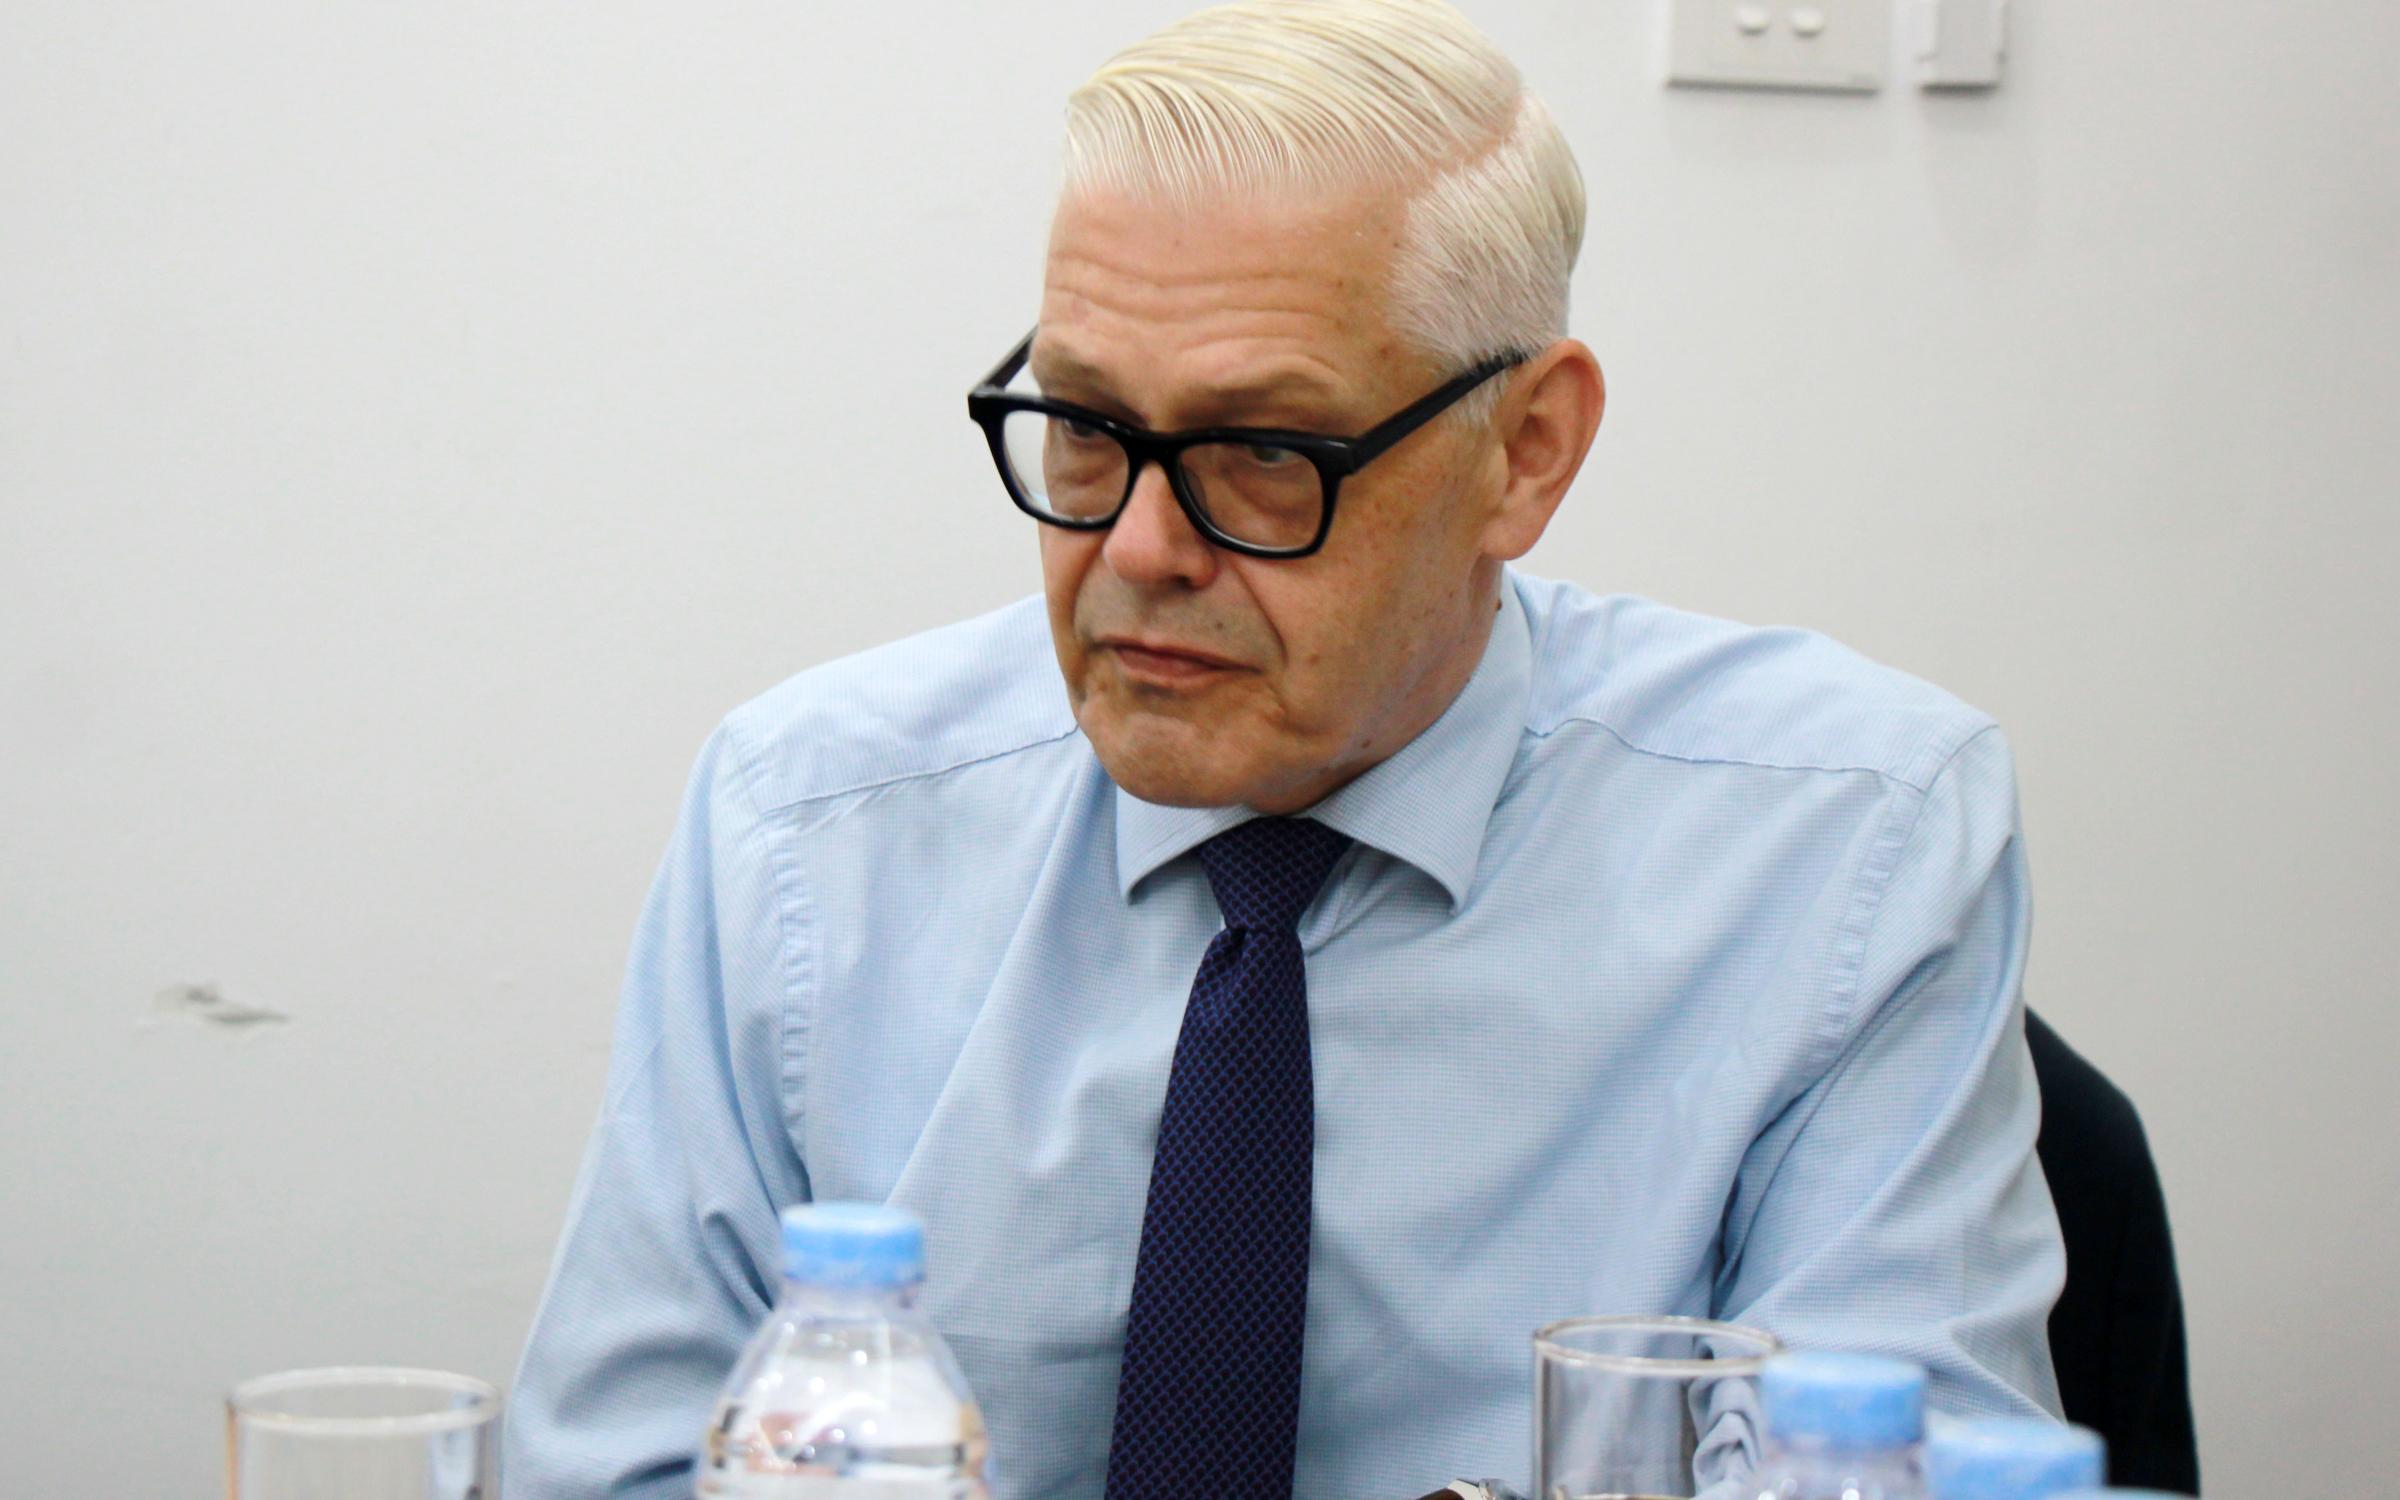 Ông Christopher Jeffery giải đáp các tiêu chí lựa chọn quán quân học bổng Đại sứ Vương quốc Anh đến độc giả. Ảnh: Quang Anh.